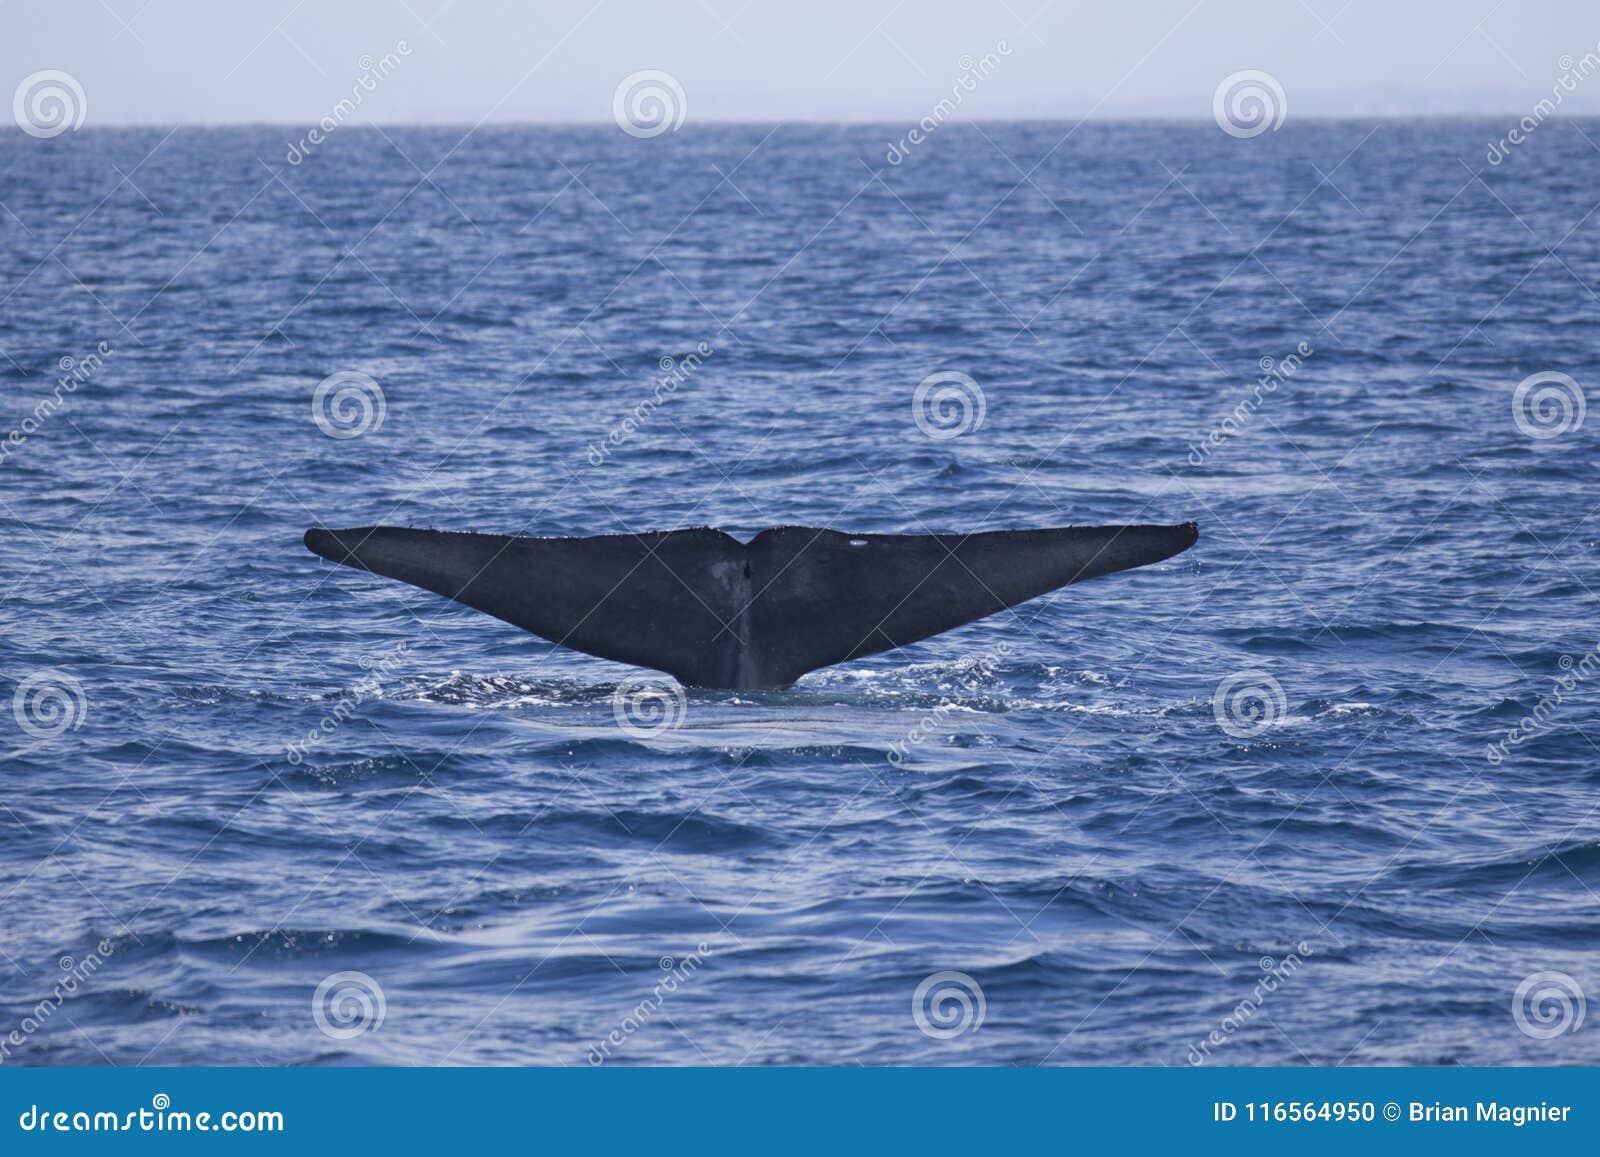 Blauwalplattfische vor Kalifornien